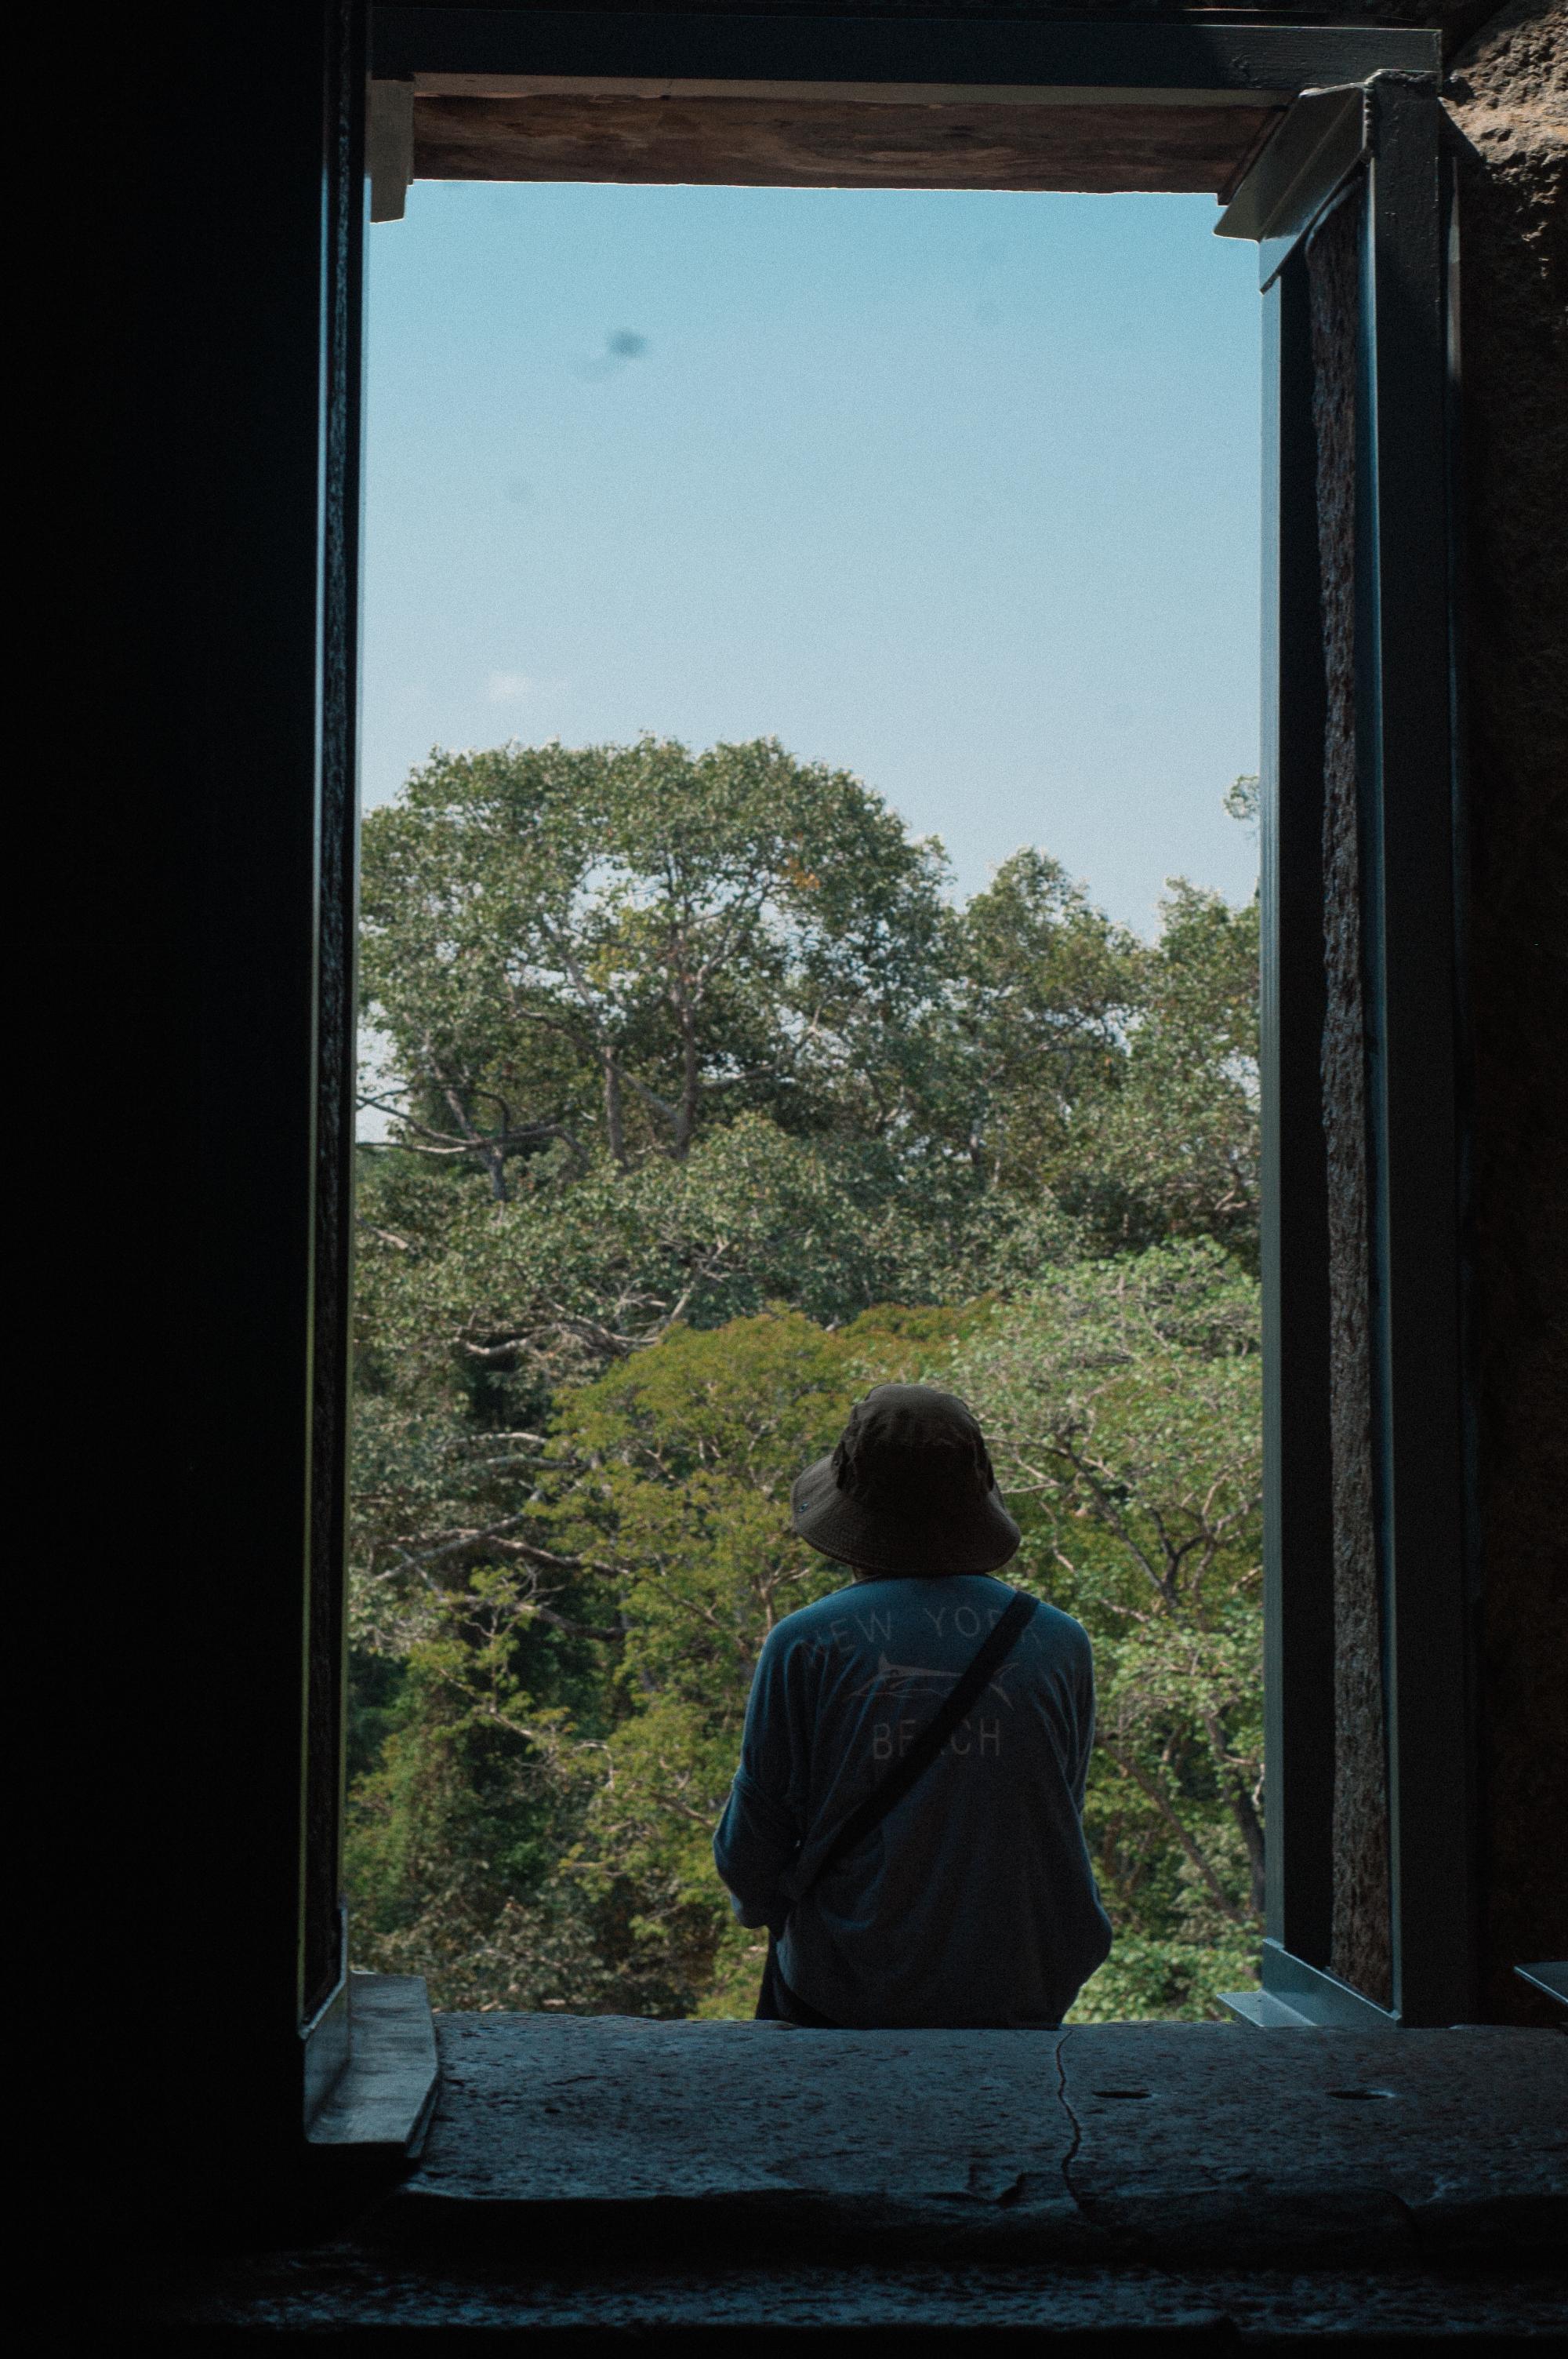 angkor wat temples siem reap (28 of 42).jpg